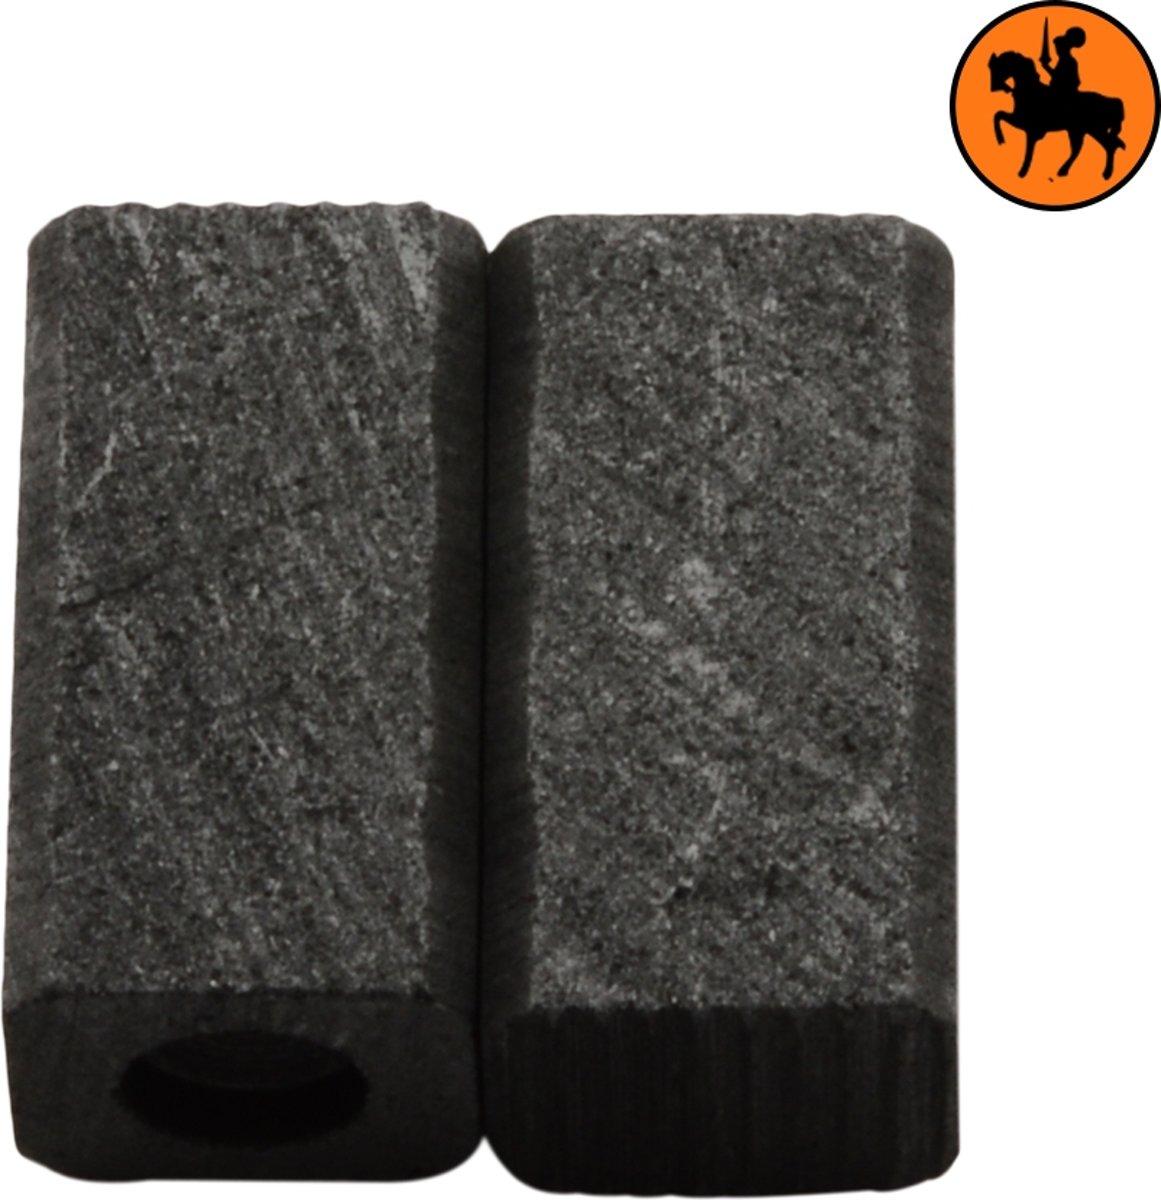 Koolborstelset voor Black & Decker GL535A - 6x7x13mm kopen